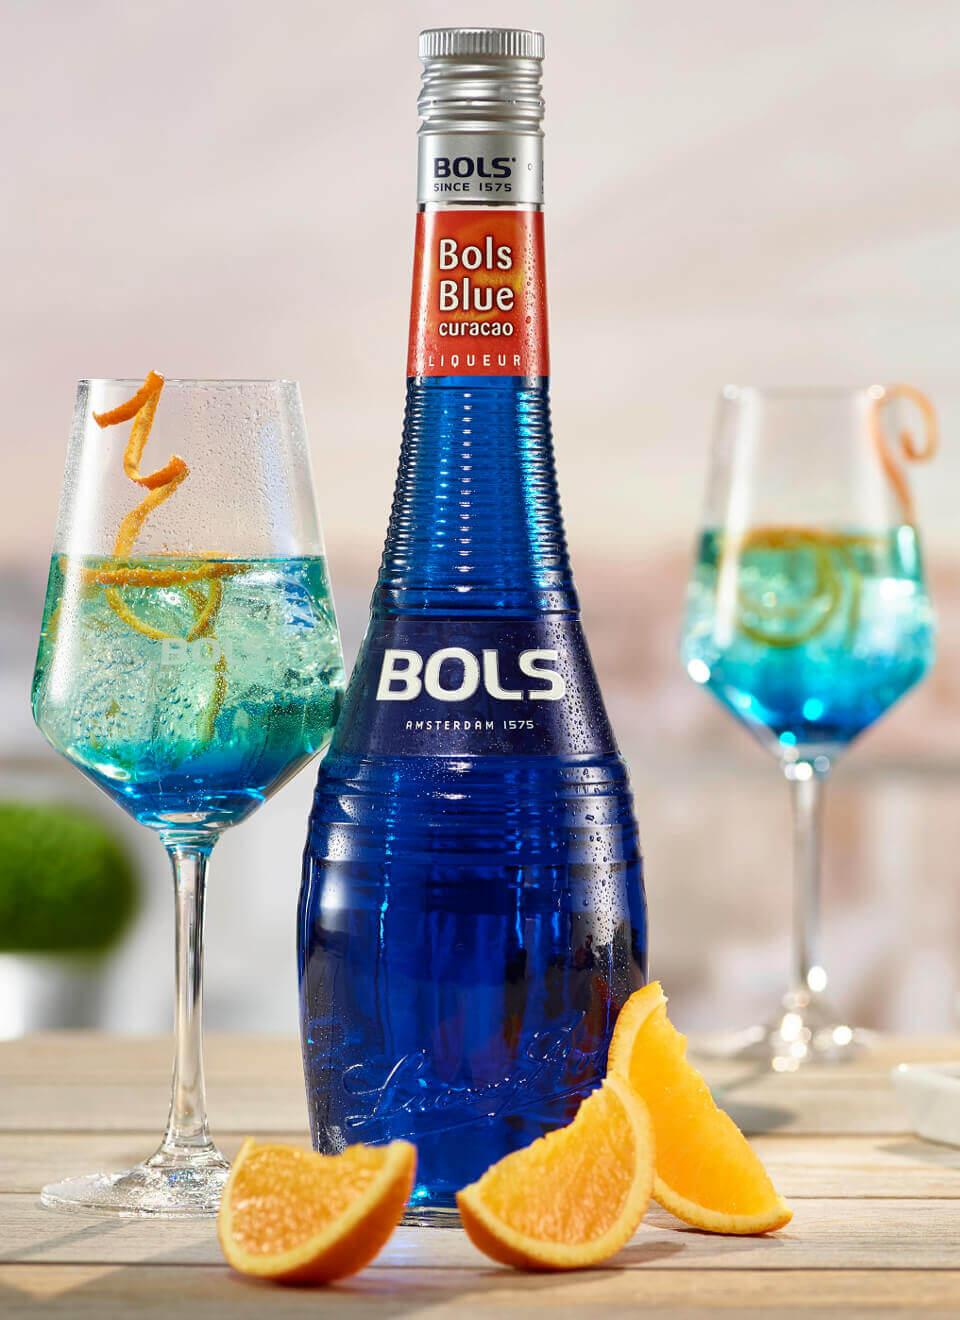 Thương hiệu rượu Blue Curacao Bols